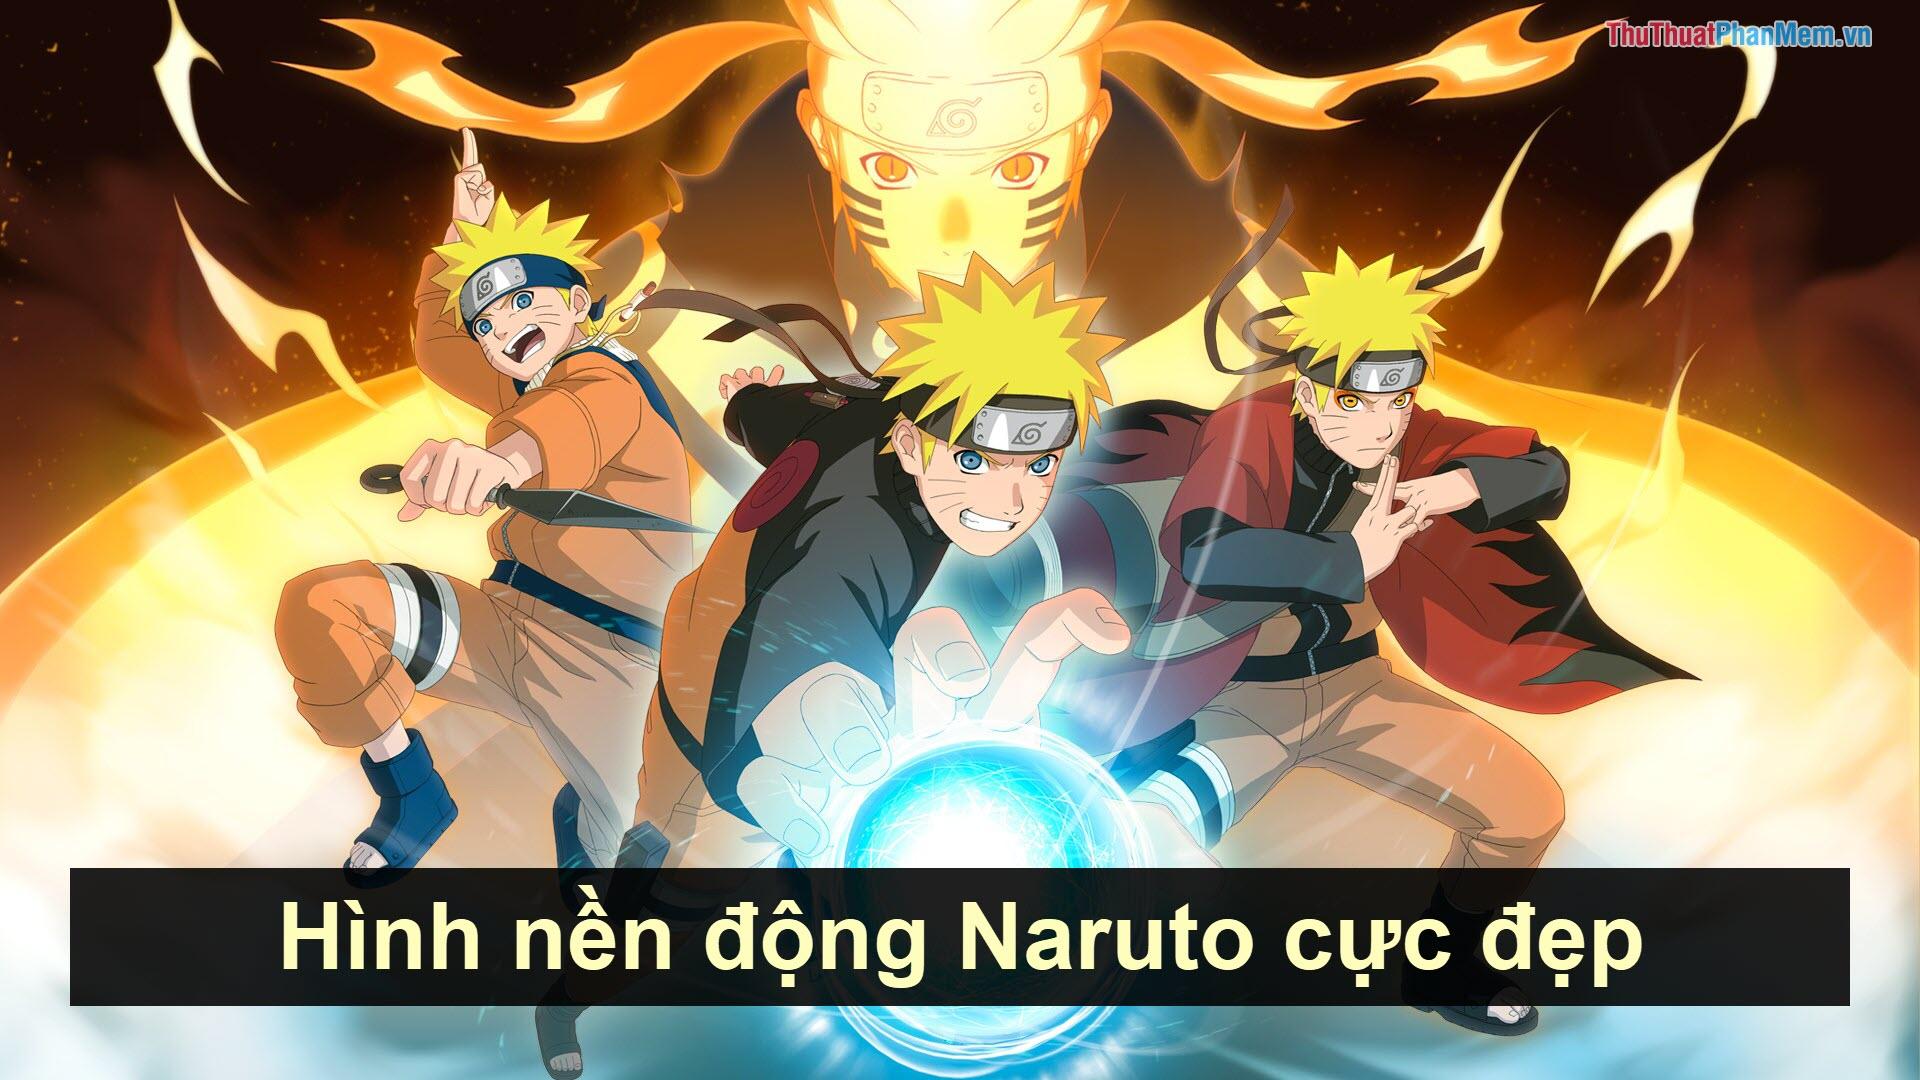 Hình nền động Naruto cực đẹp